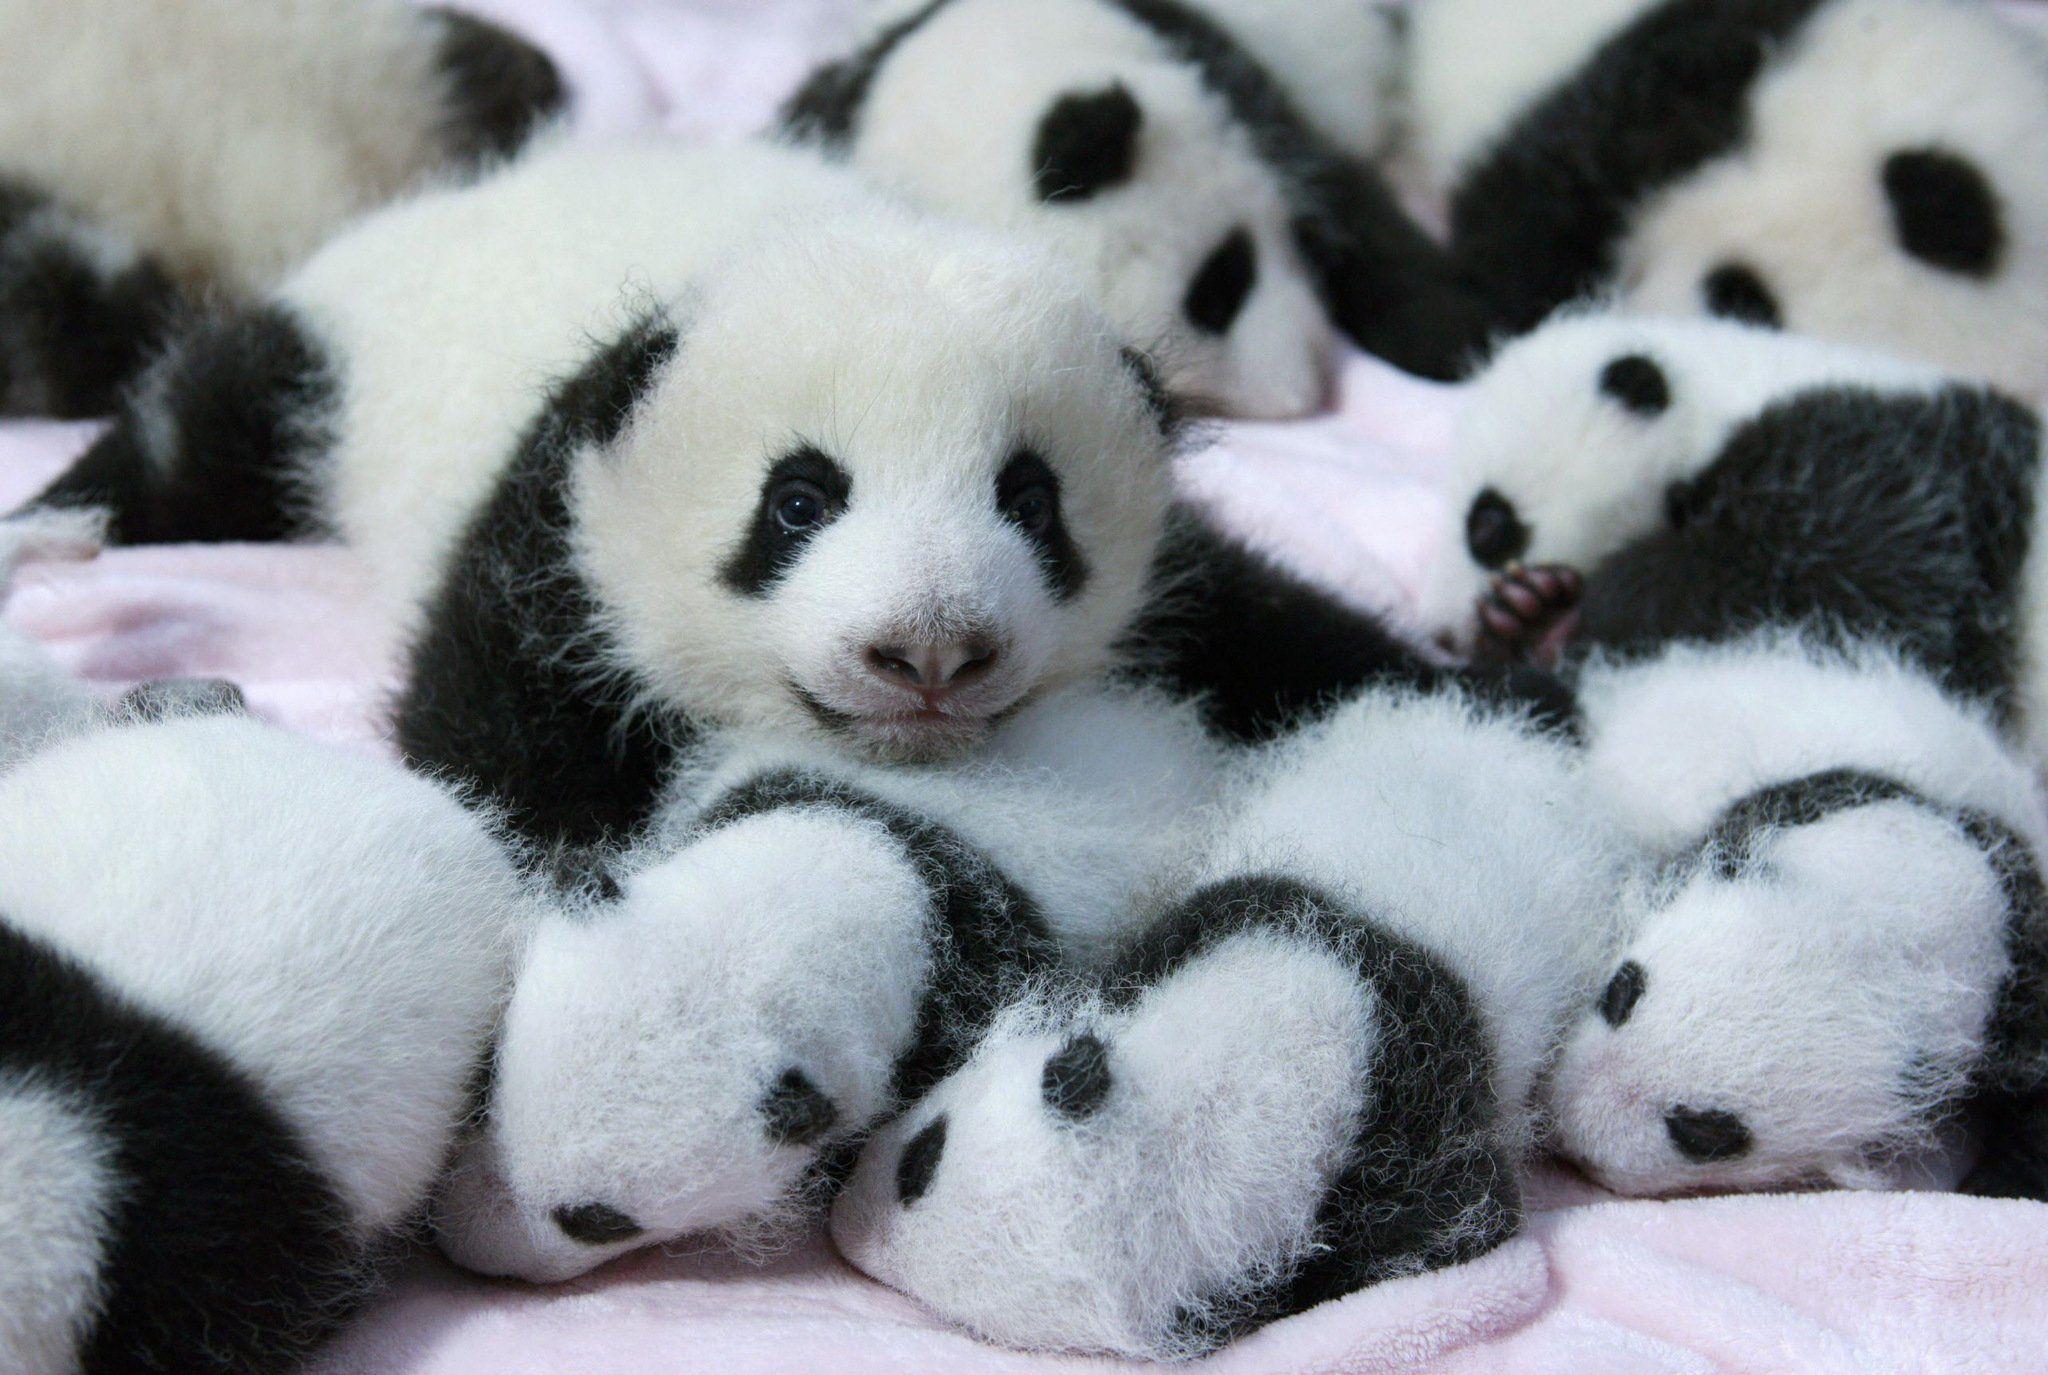 Panda Pandas Baer Bears Baby Cute Iphone Wallpaper #24045 – The HD .